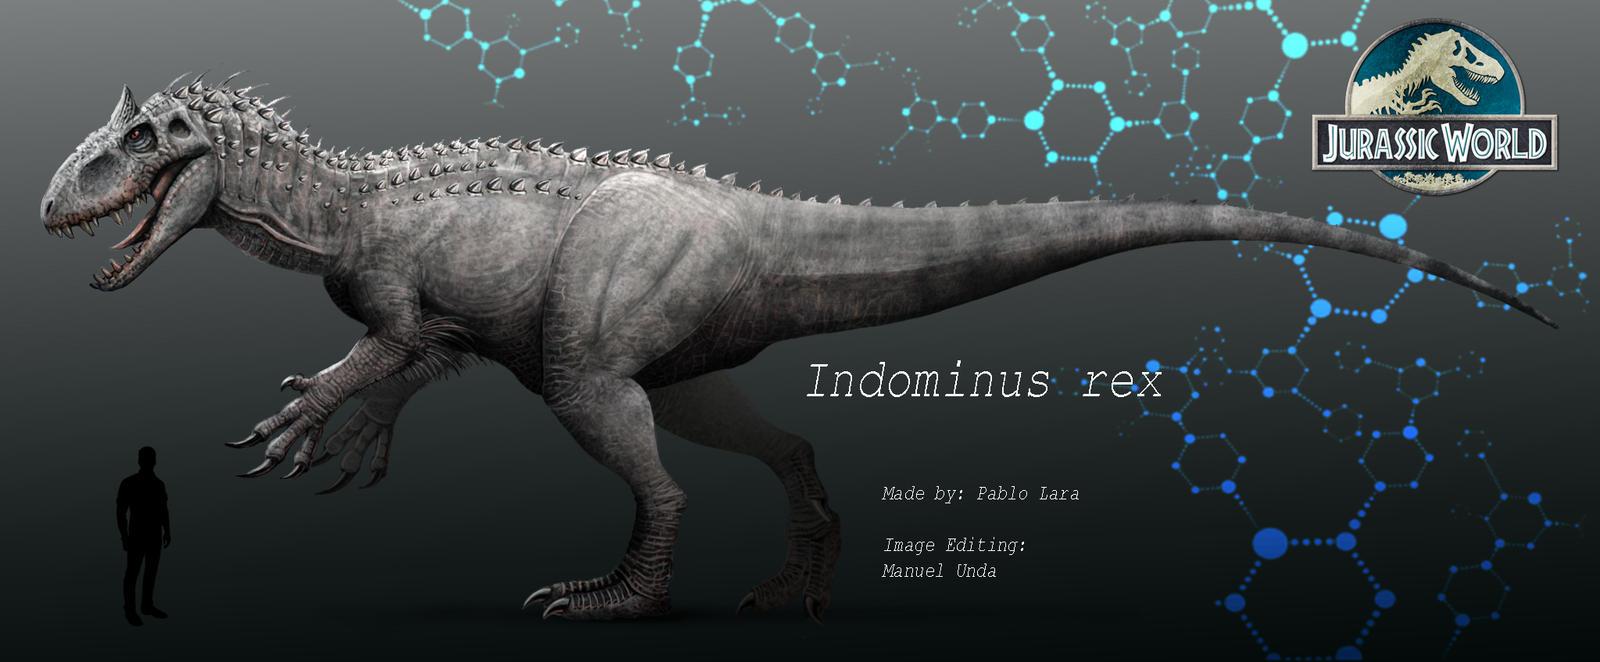 Jurassic World Indominus rex by MANUSAURIO